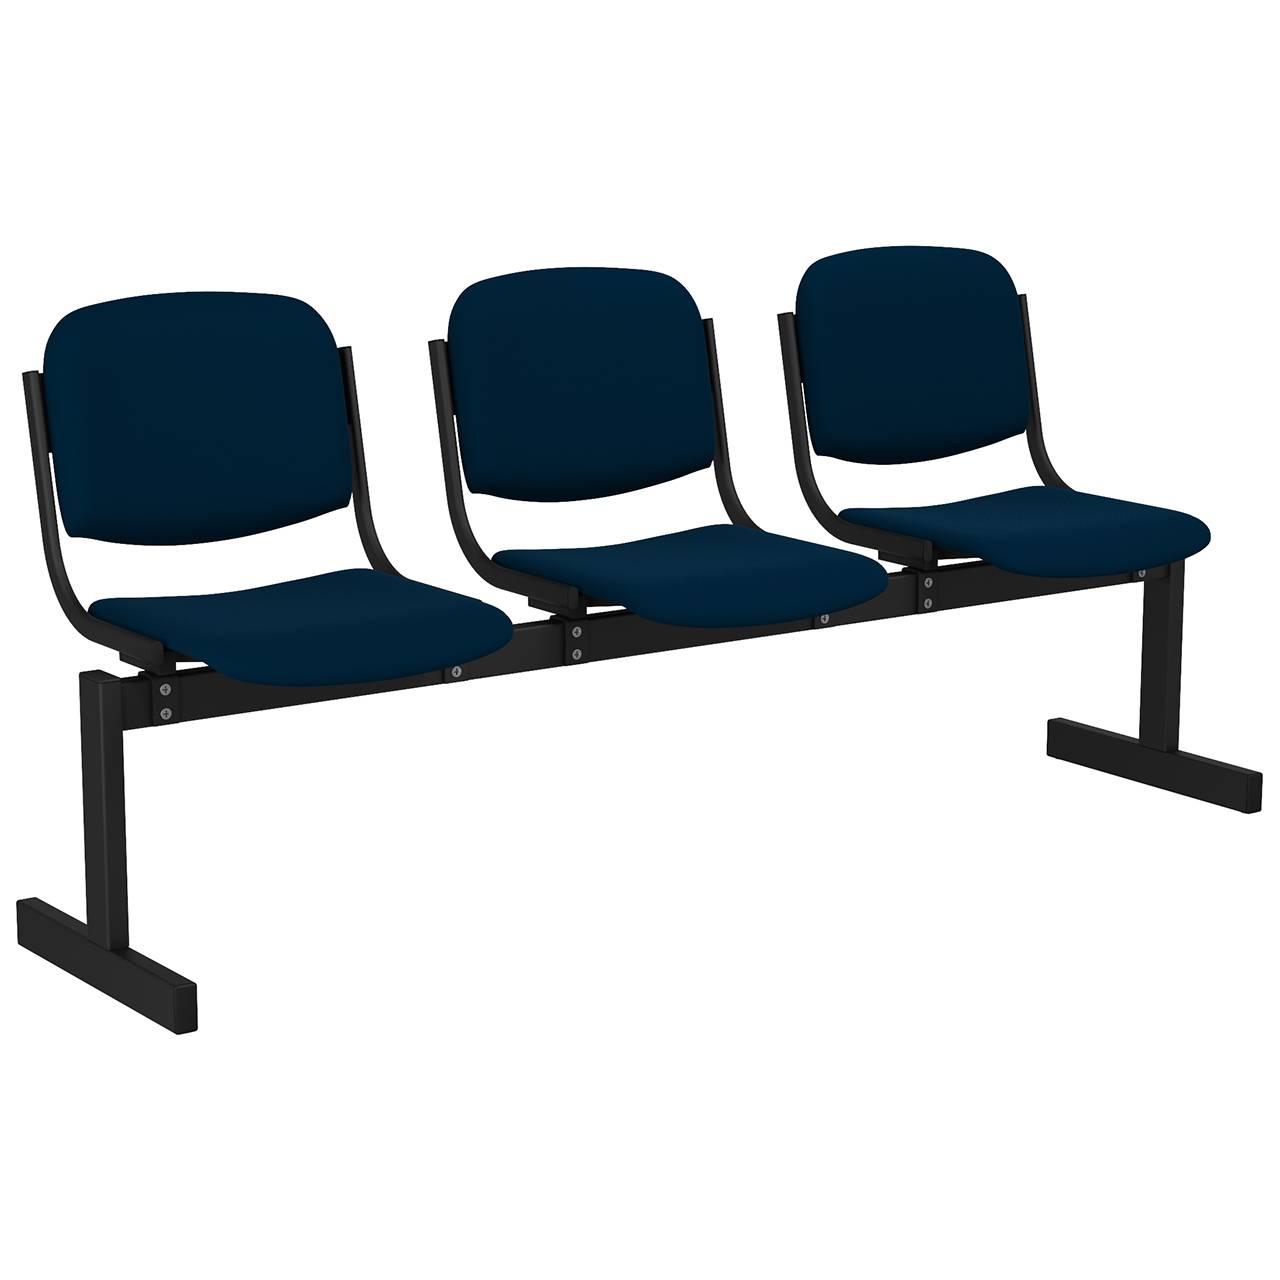 3-местный, не откидывающиеся сиденья, мягкий черный синий Флок